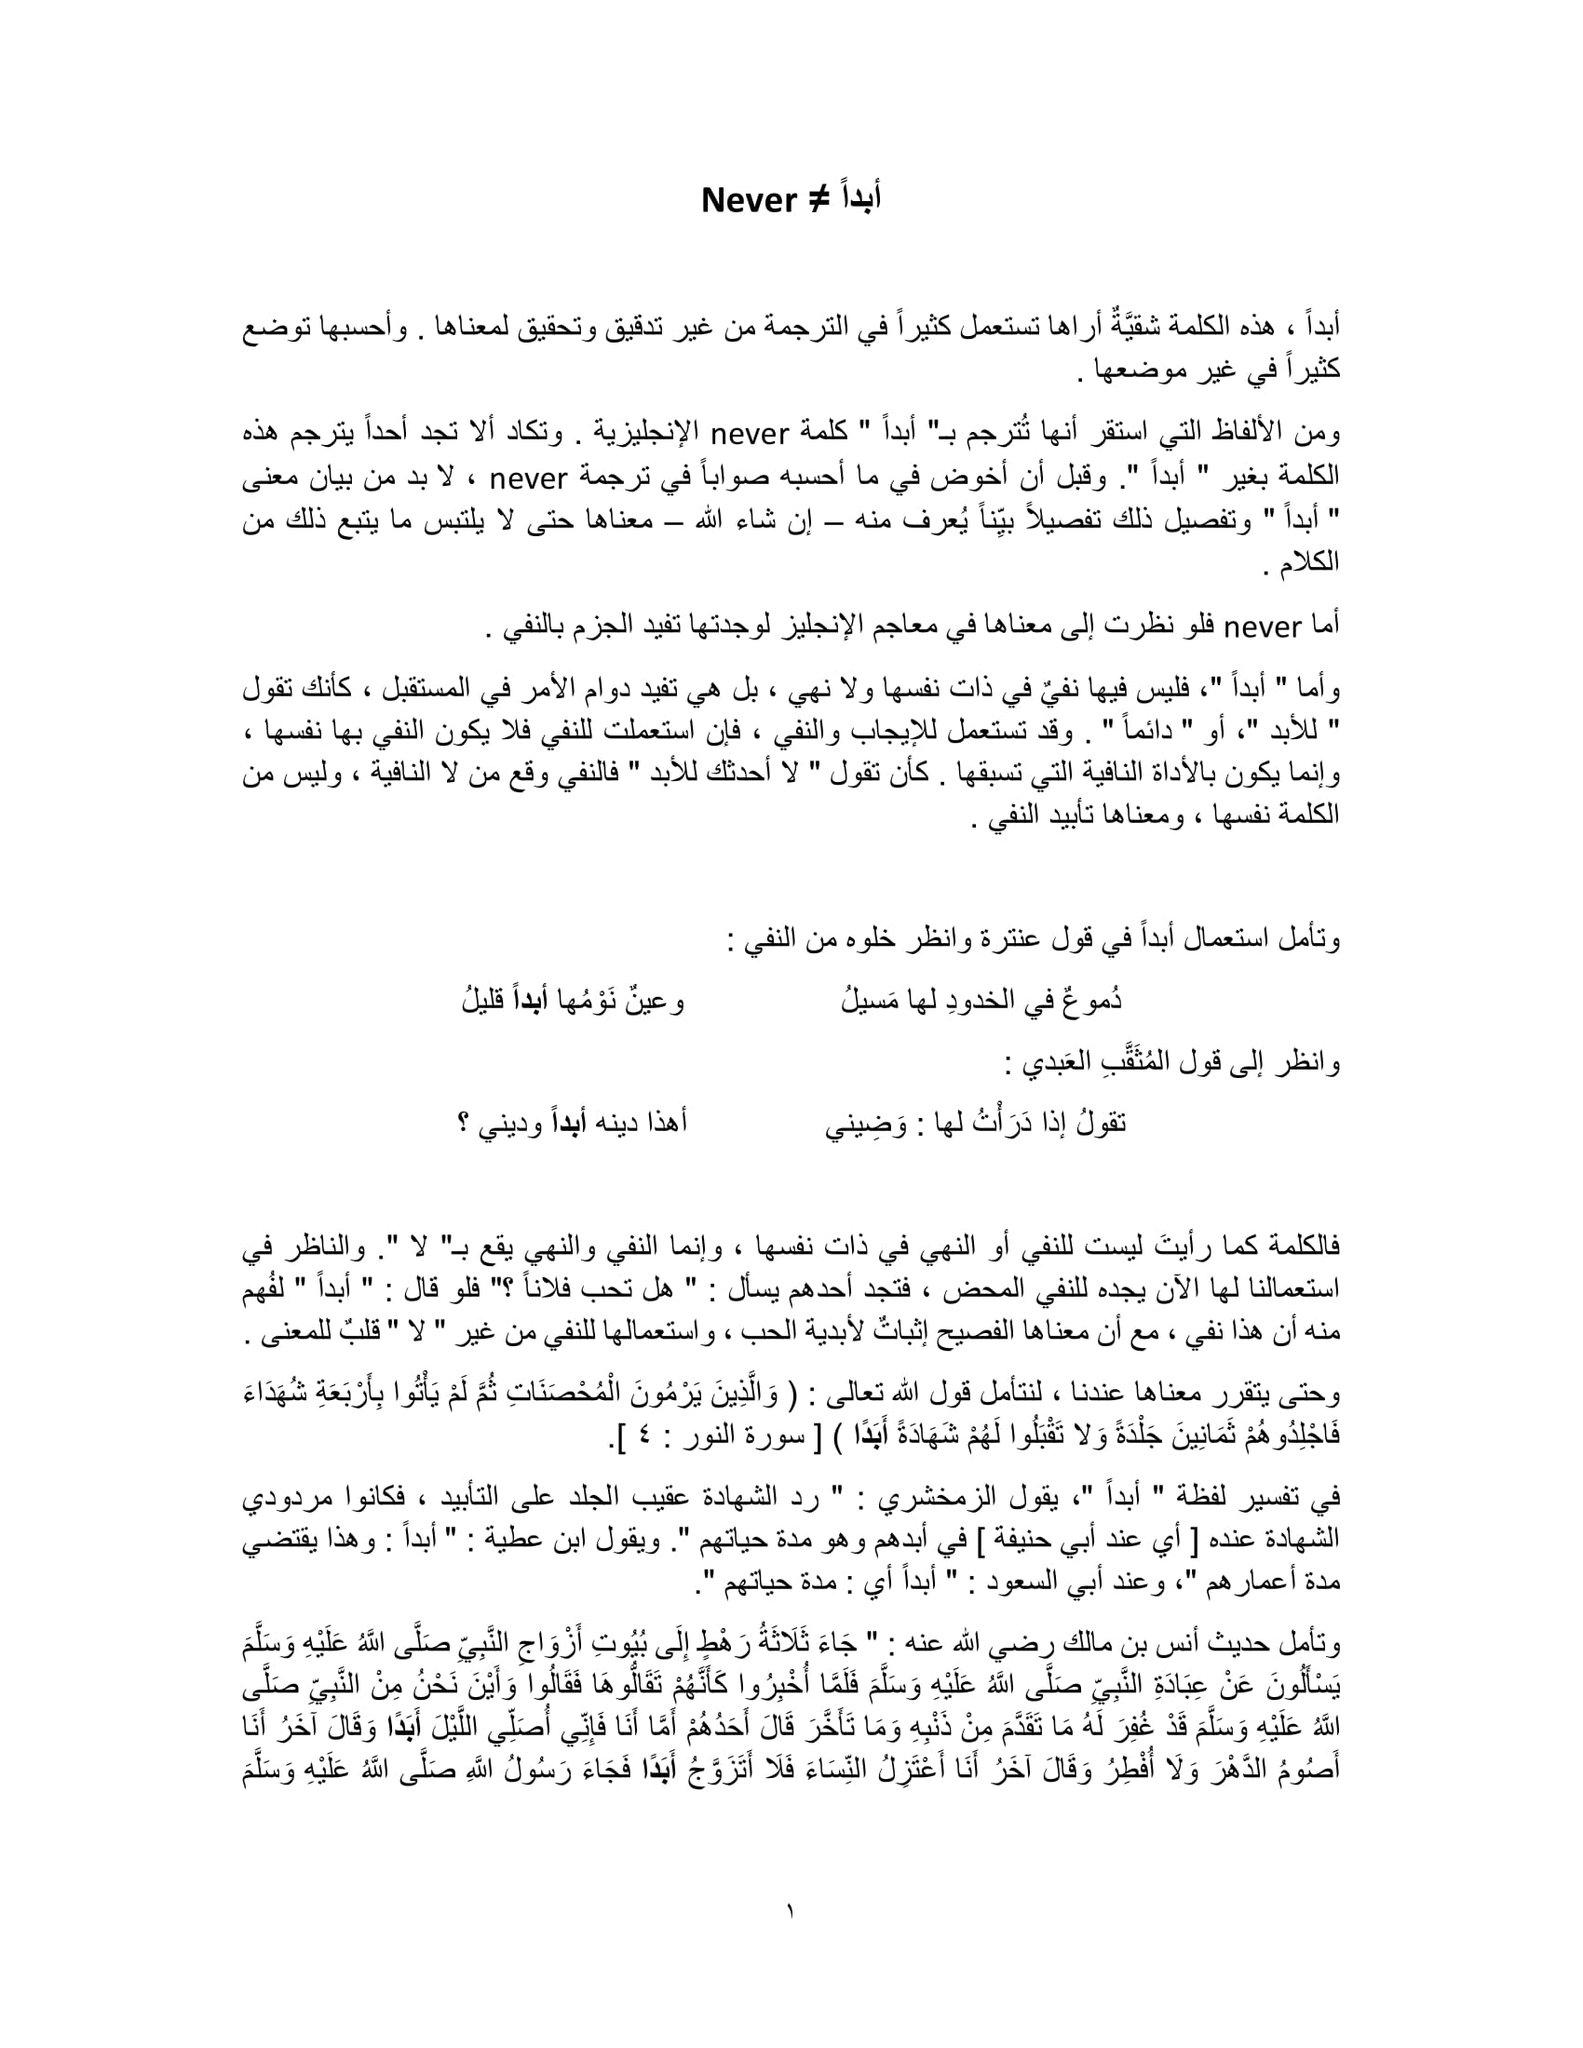 ترجمة blanket في العربيّة | قاموس إنجليزي - عربي | Britannica English